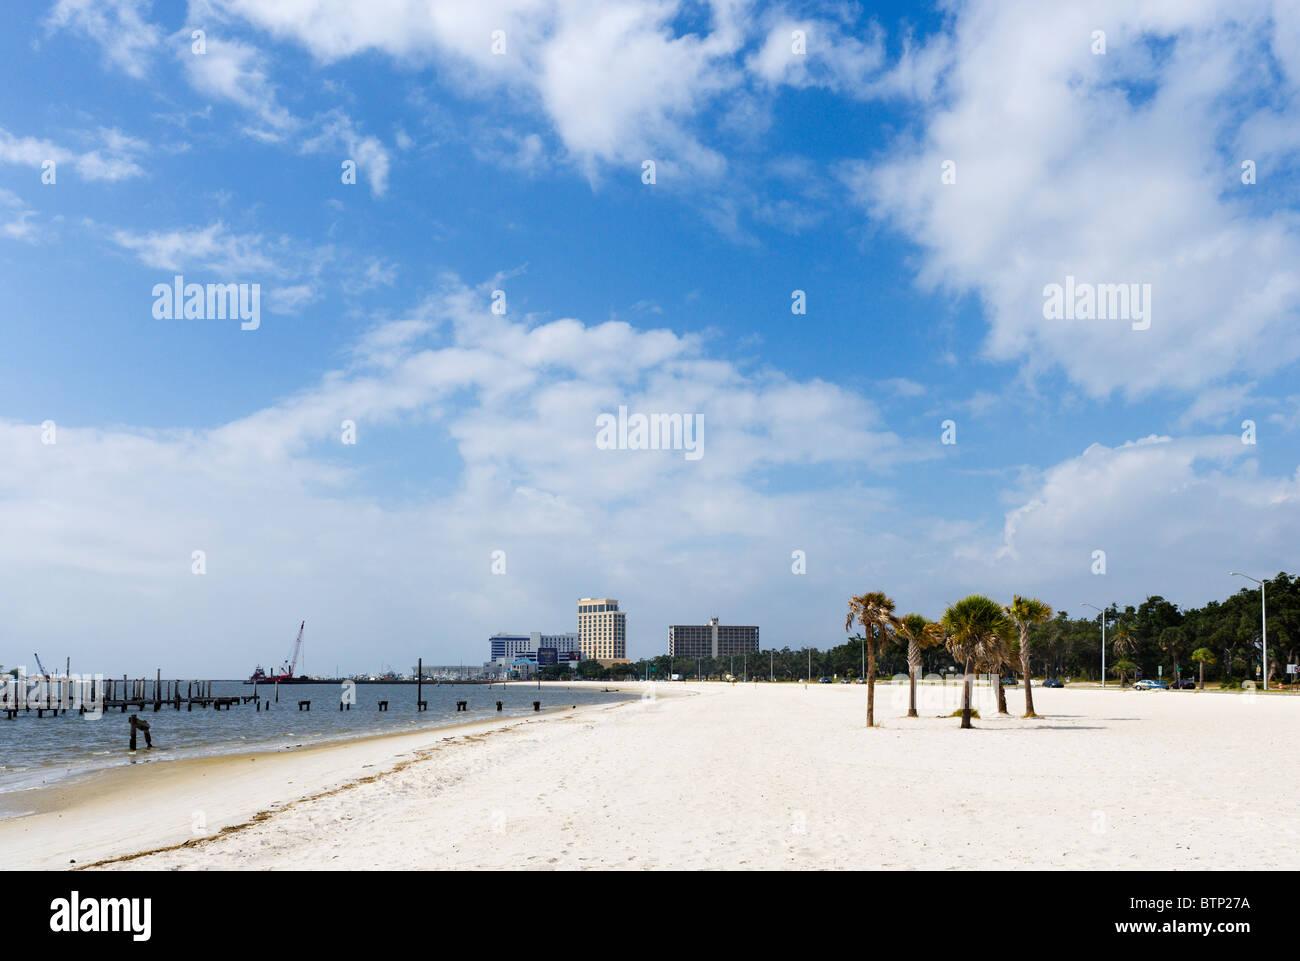 Beach at Biloxi, Gulf Coast, Mississippi, USA - Stock Image